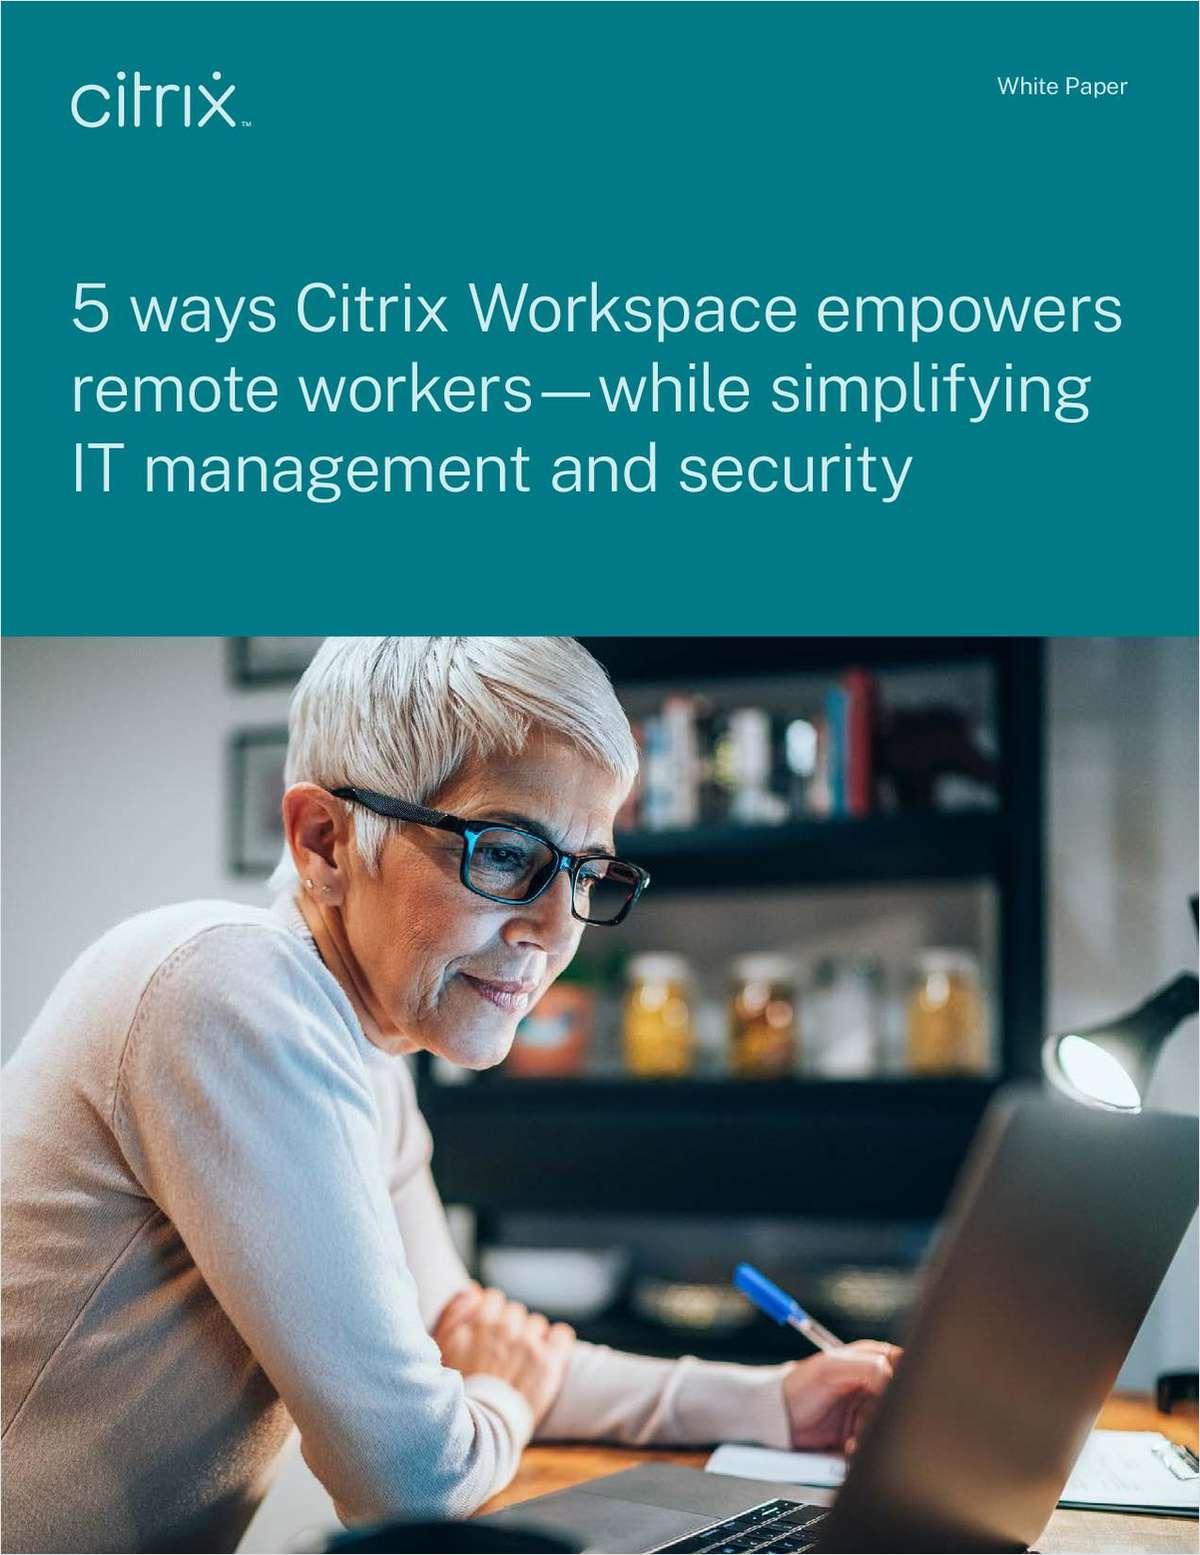 5 Ways Citrix Workspace Empowers Remote Workers